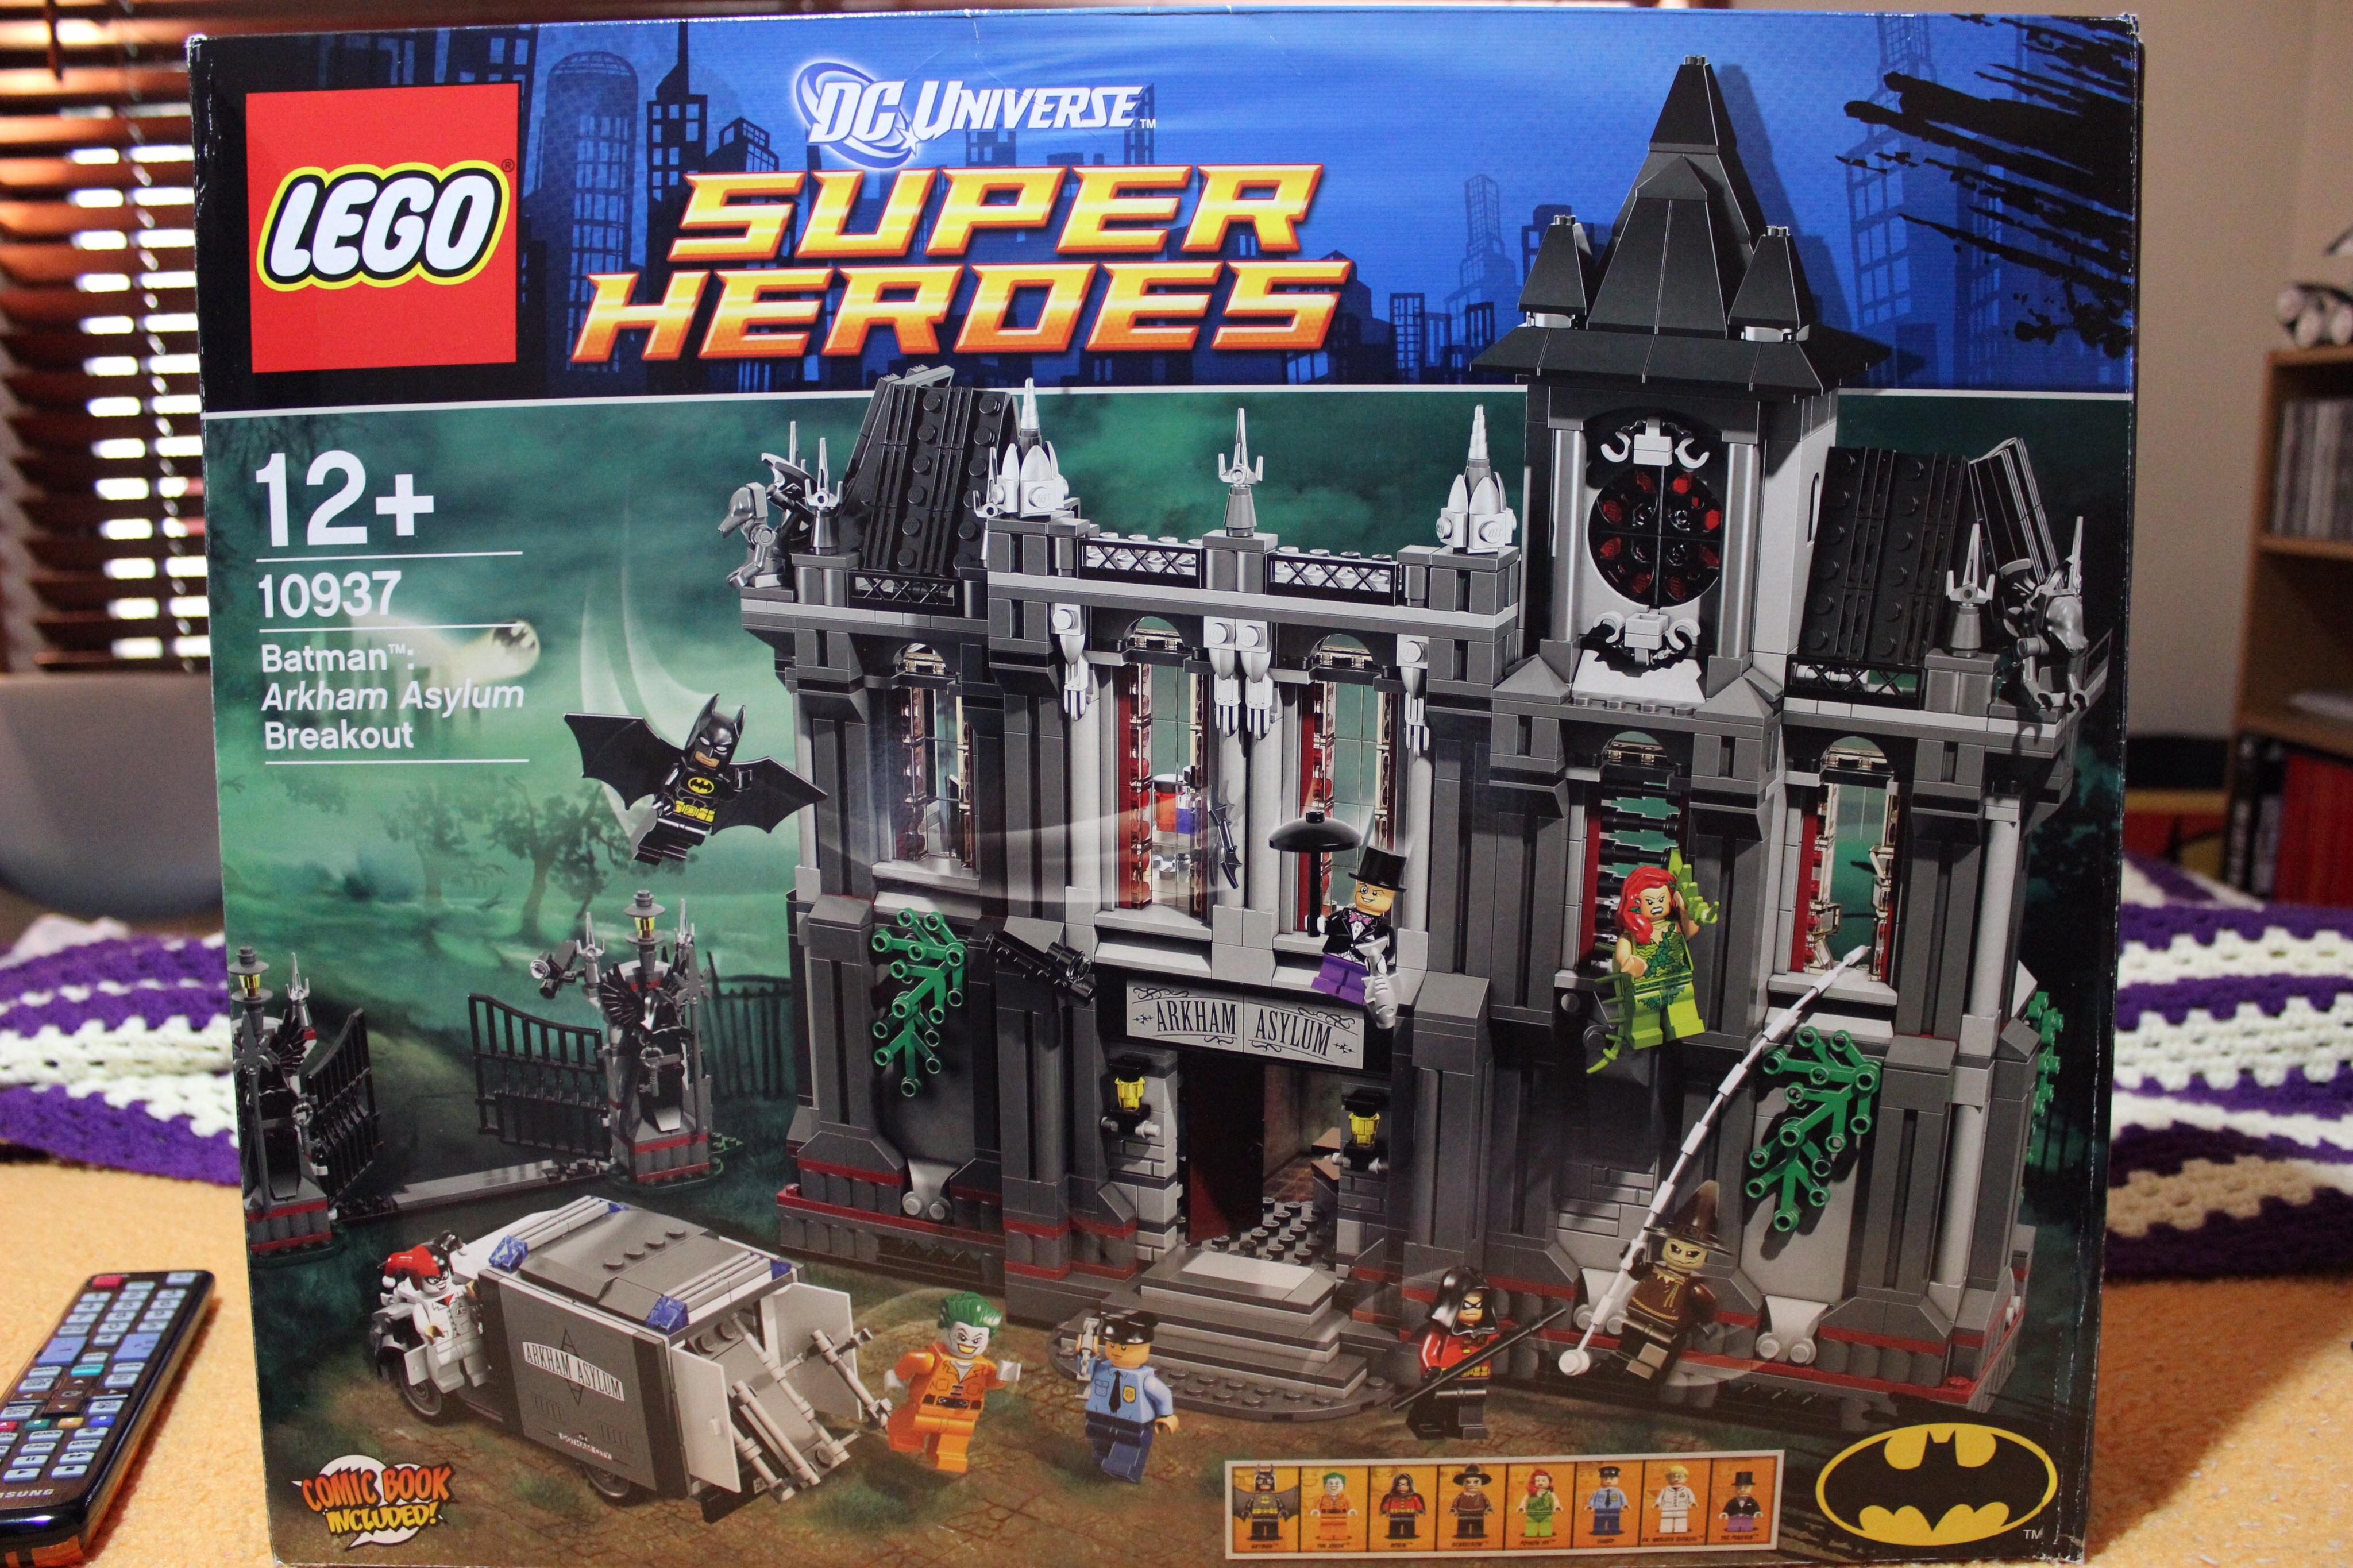 Lego Batman Sets 2014: LEGO Batman: Arkham Asylum Breakout 10937 REVIEW